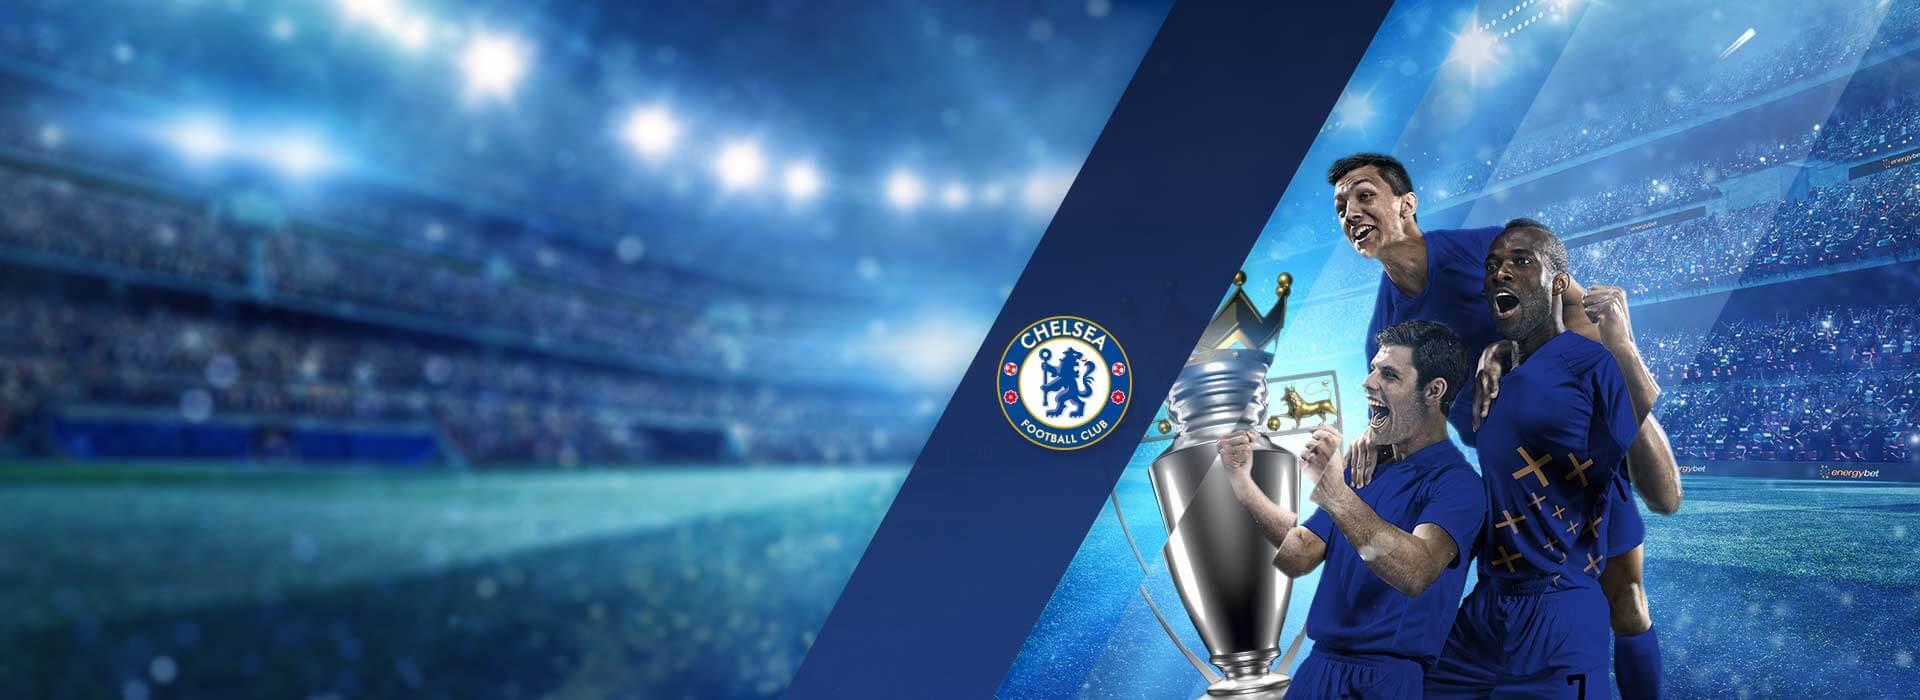 We're Calling Chelsea Premier League Champs